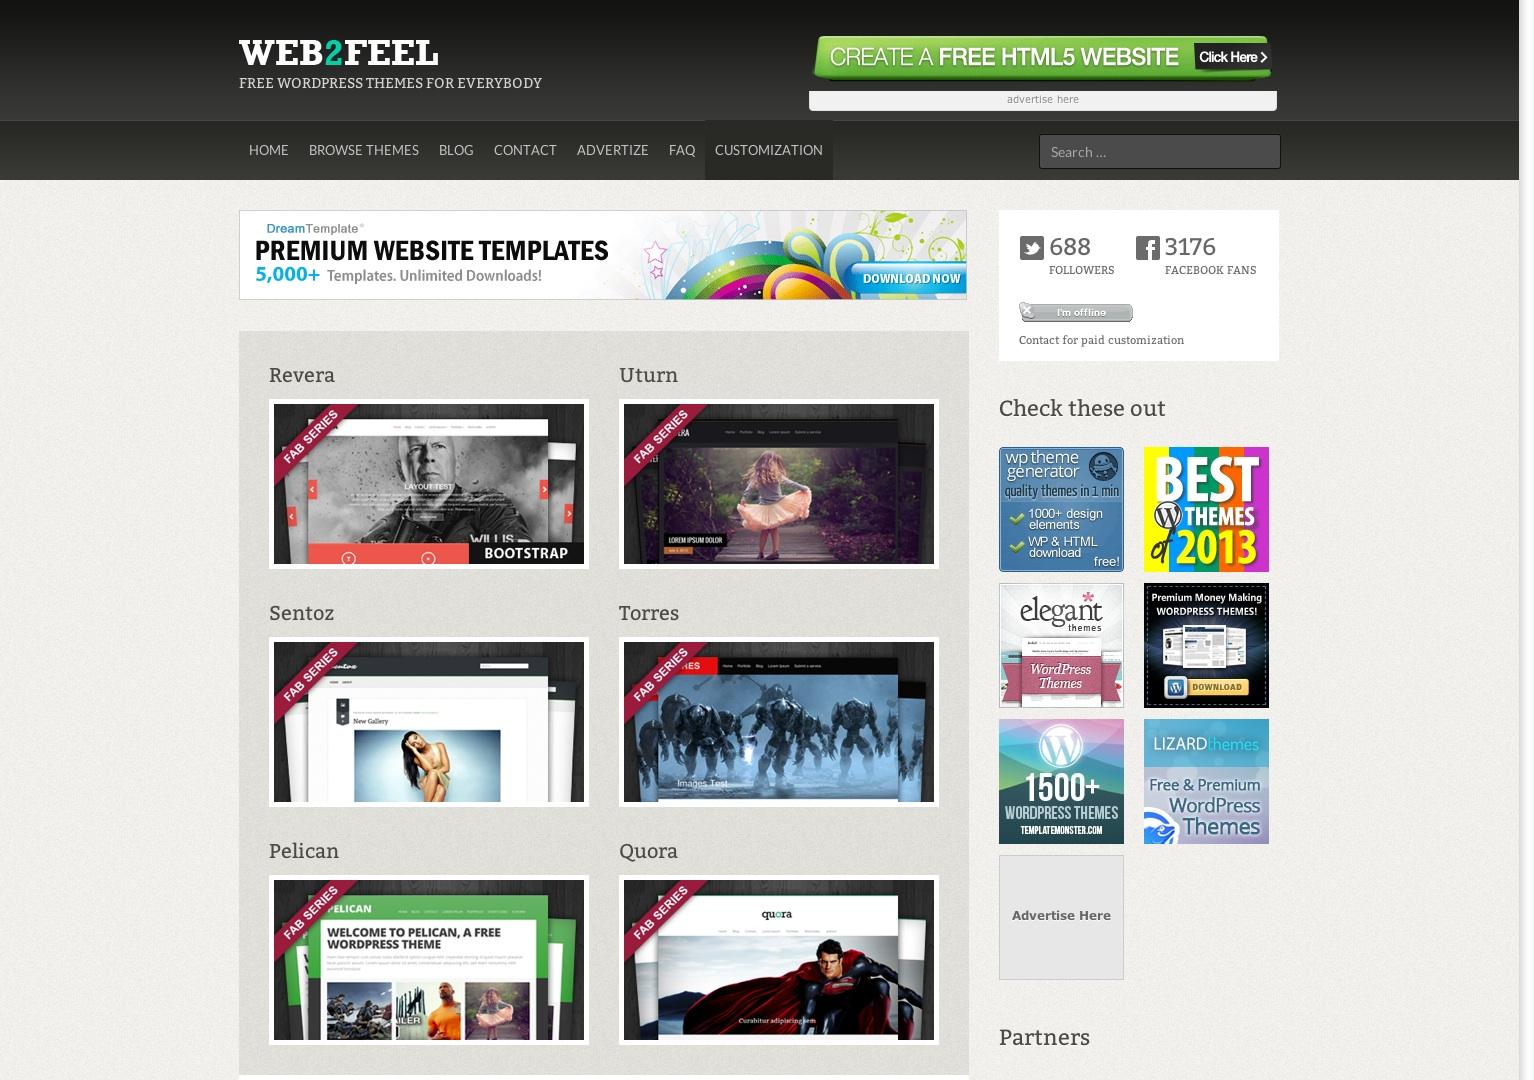 http---www.web2feel.com-(20131210)